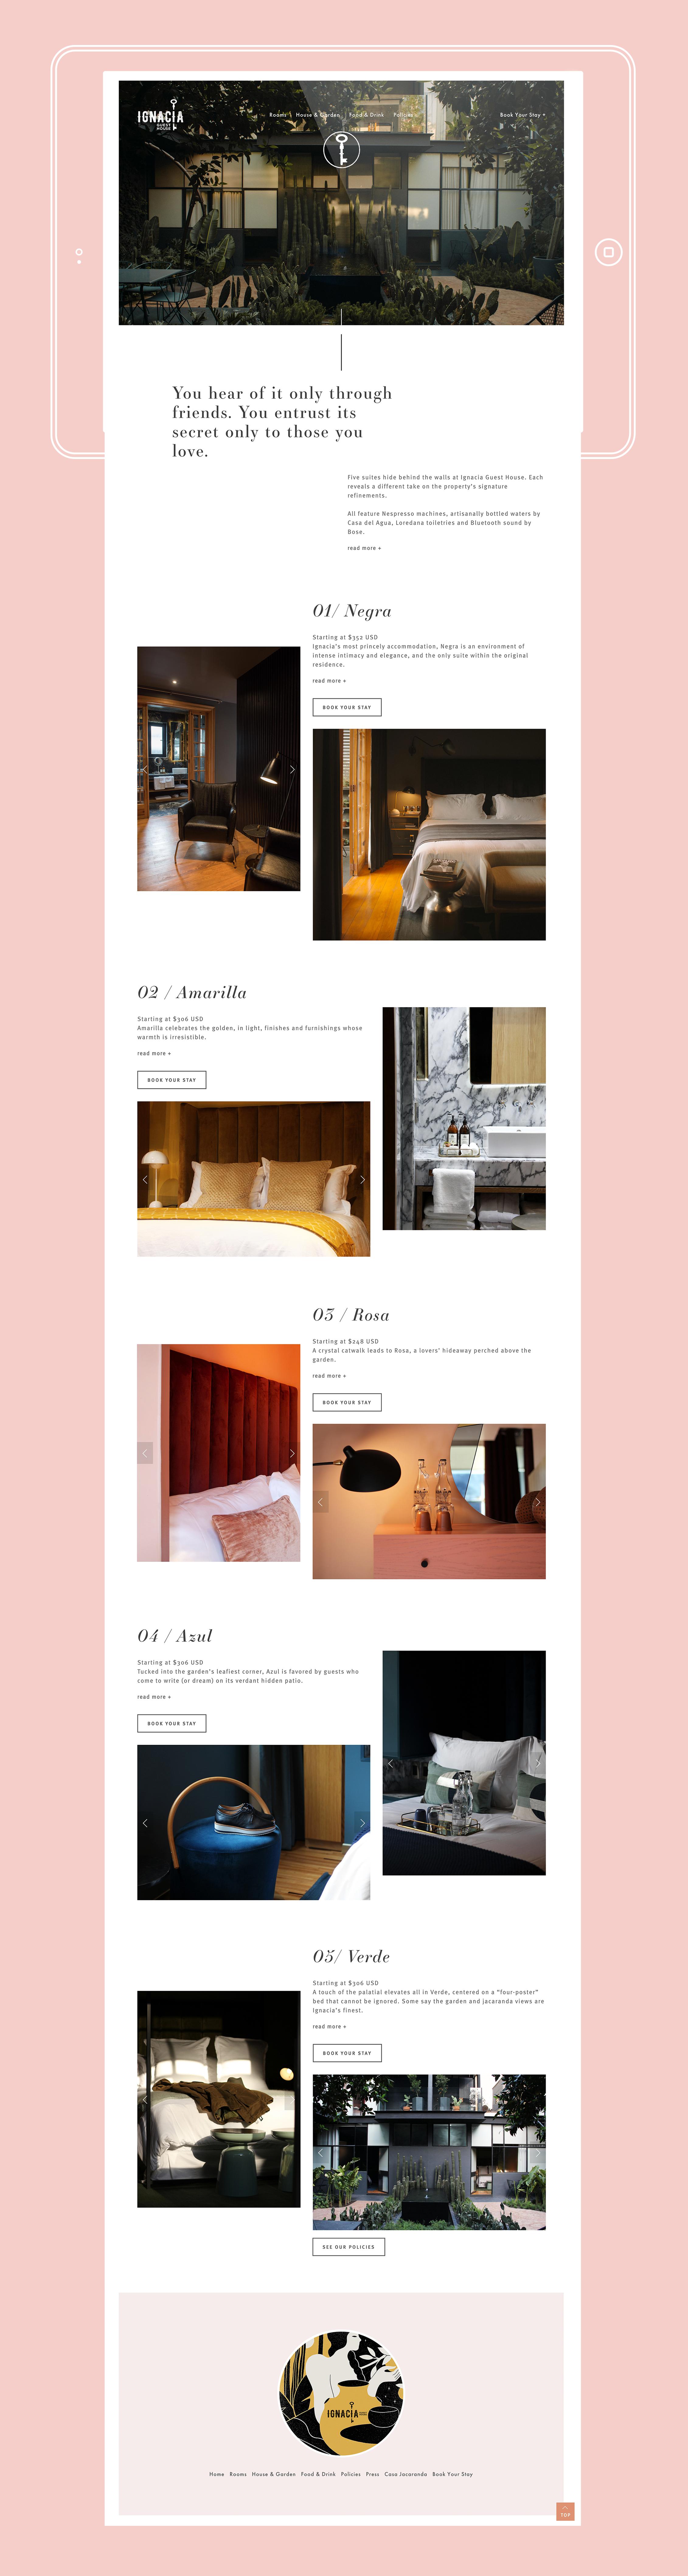 Ignacia rooms page mockup.png